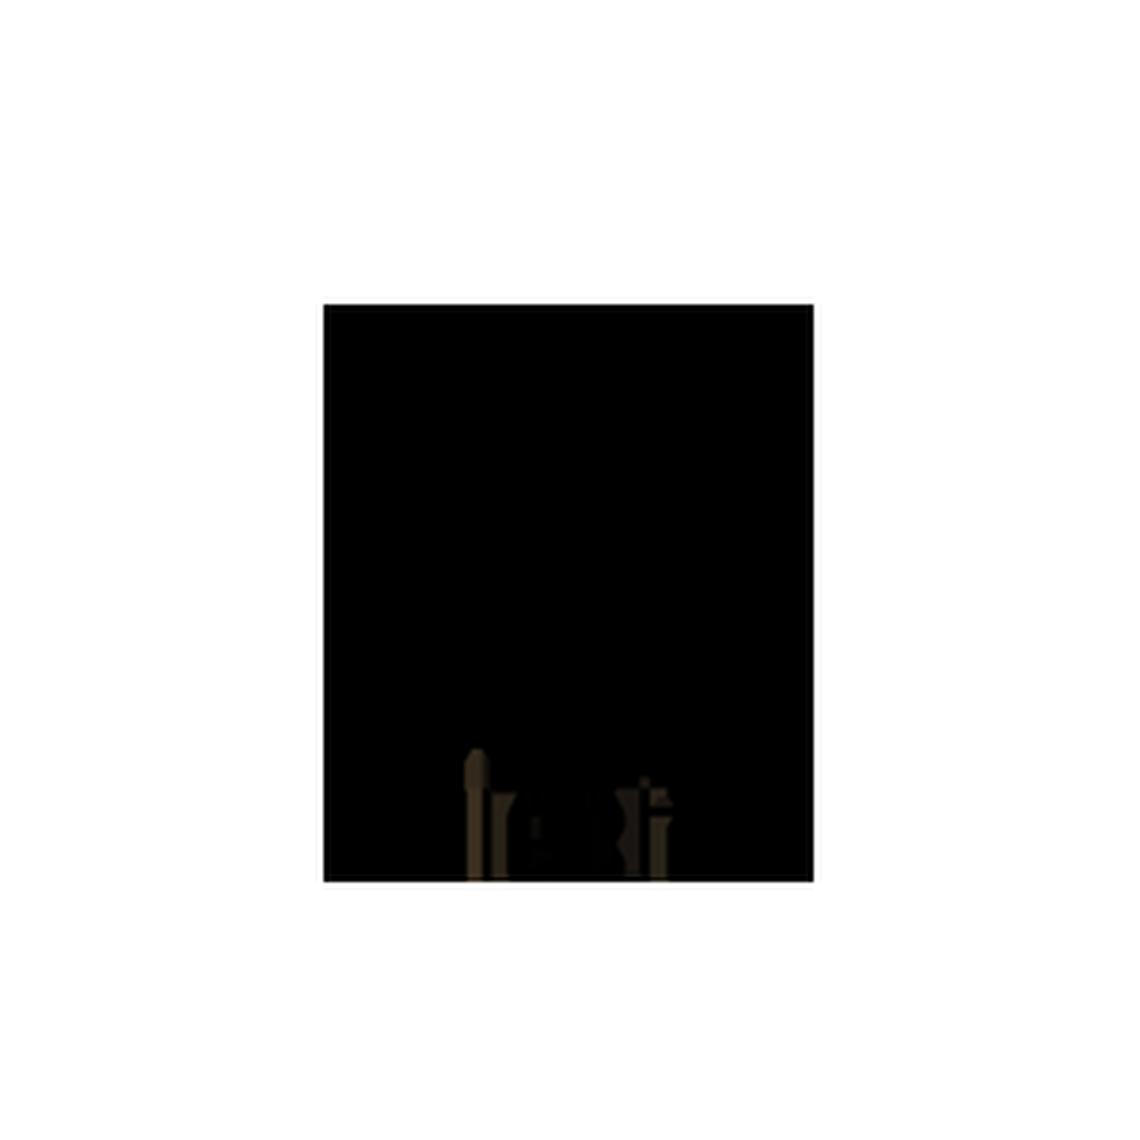 https://dekantoorjongens.com/wp-content/uploads/2020/06/fp-collection-logo.png